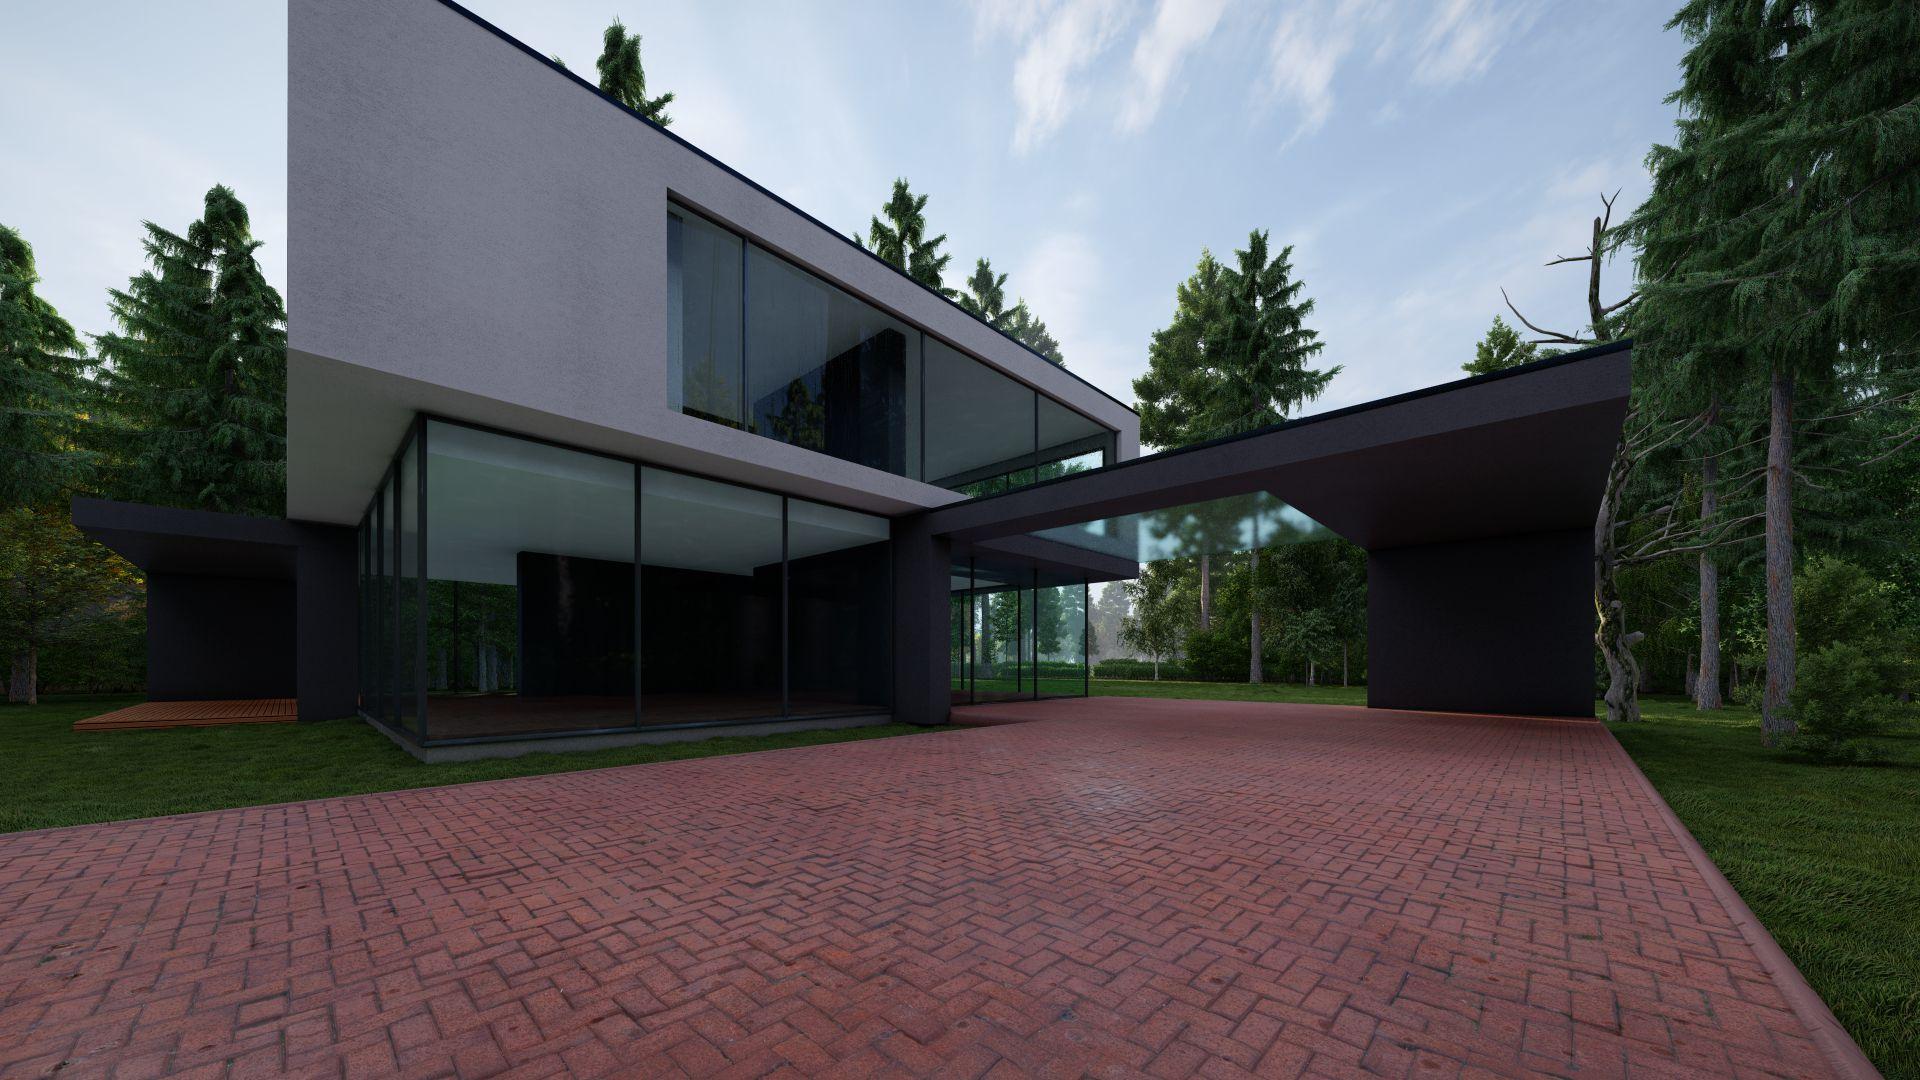 arhitektuurne 3d pilt hoone visualiseerimine 53